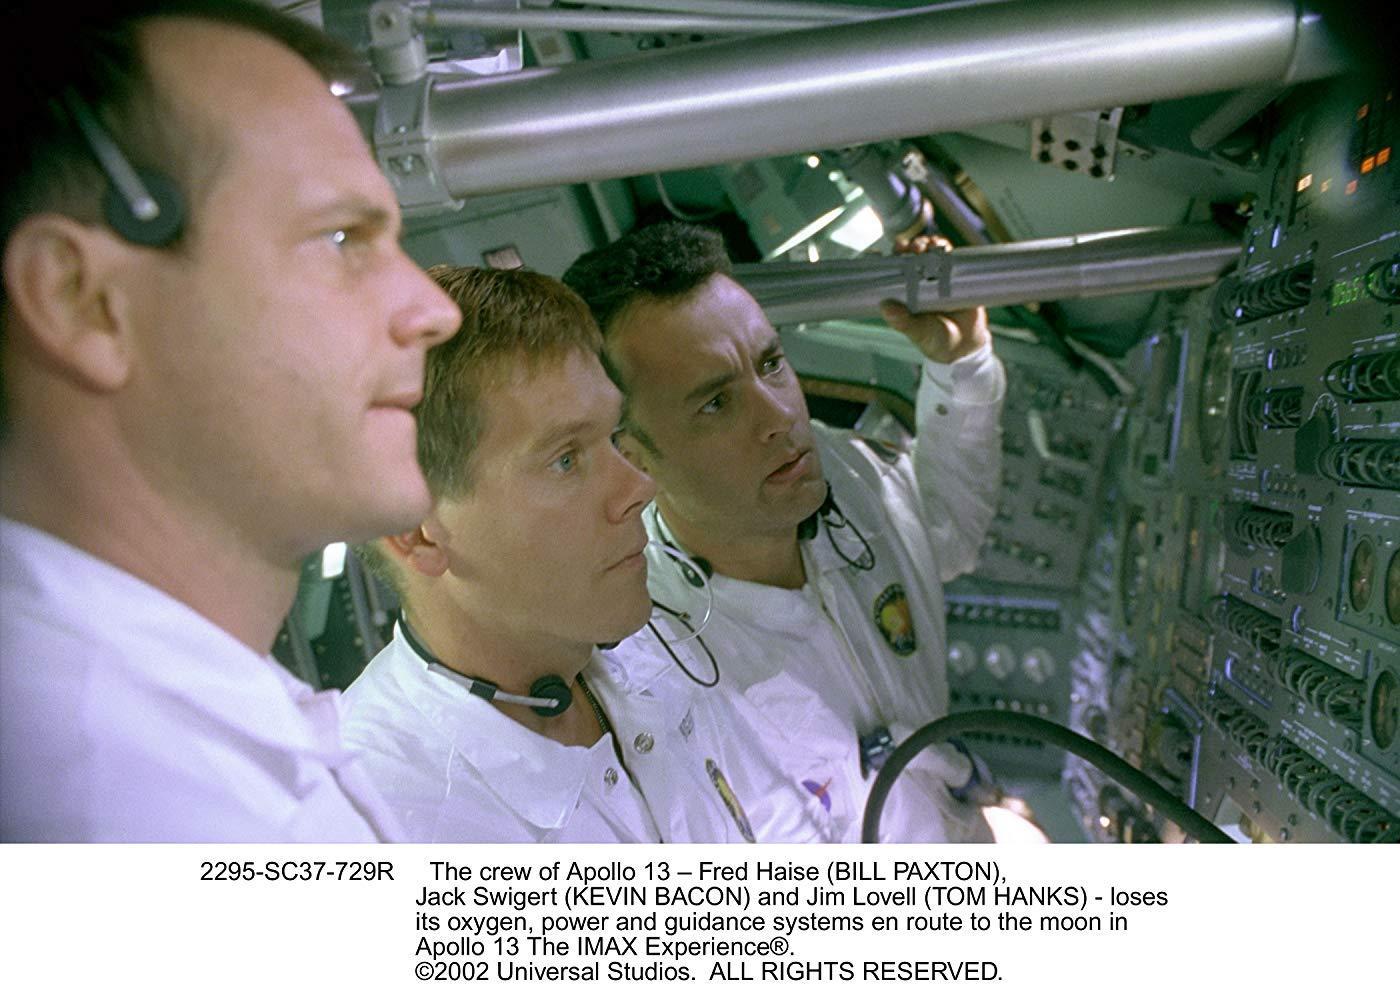 مشاهدة فيلم Apollo 13 1995 HD مترجم كامل اون لاين